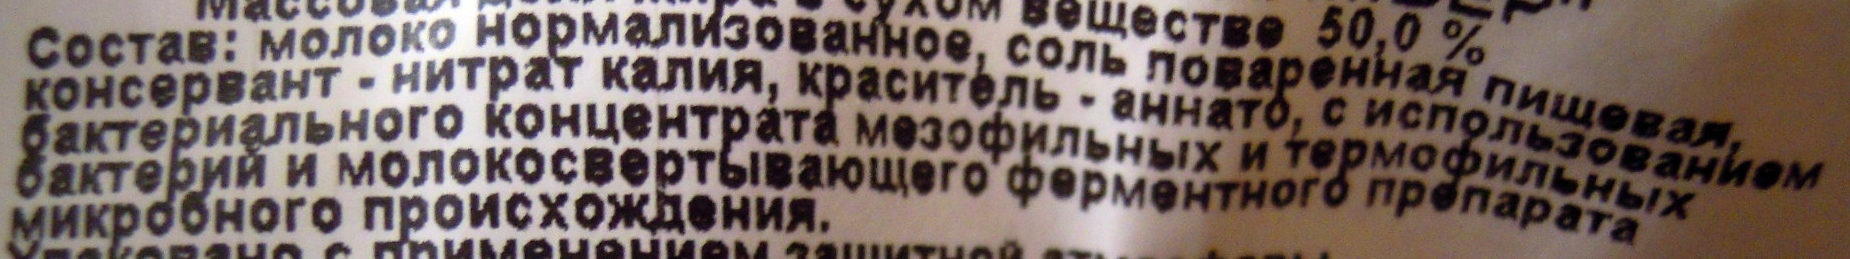 Сыр Ламбер - Ingrediënten - ru